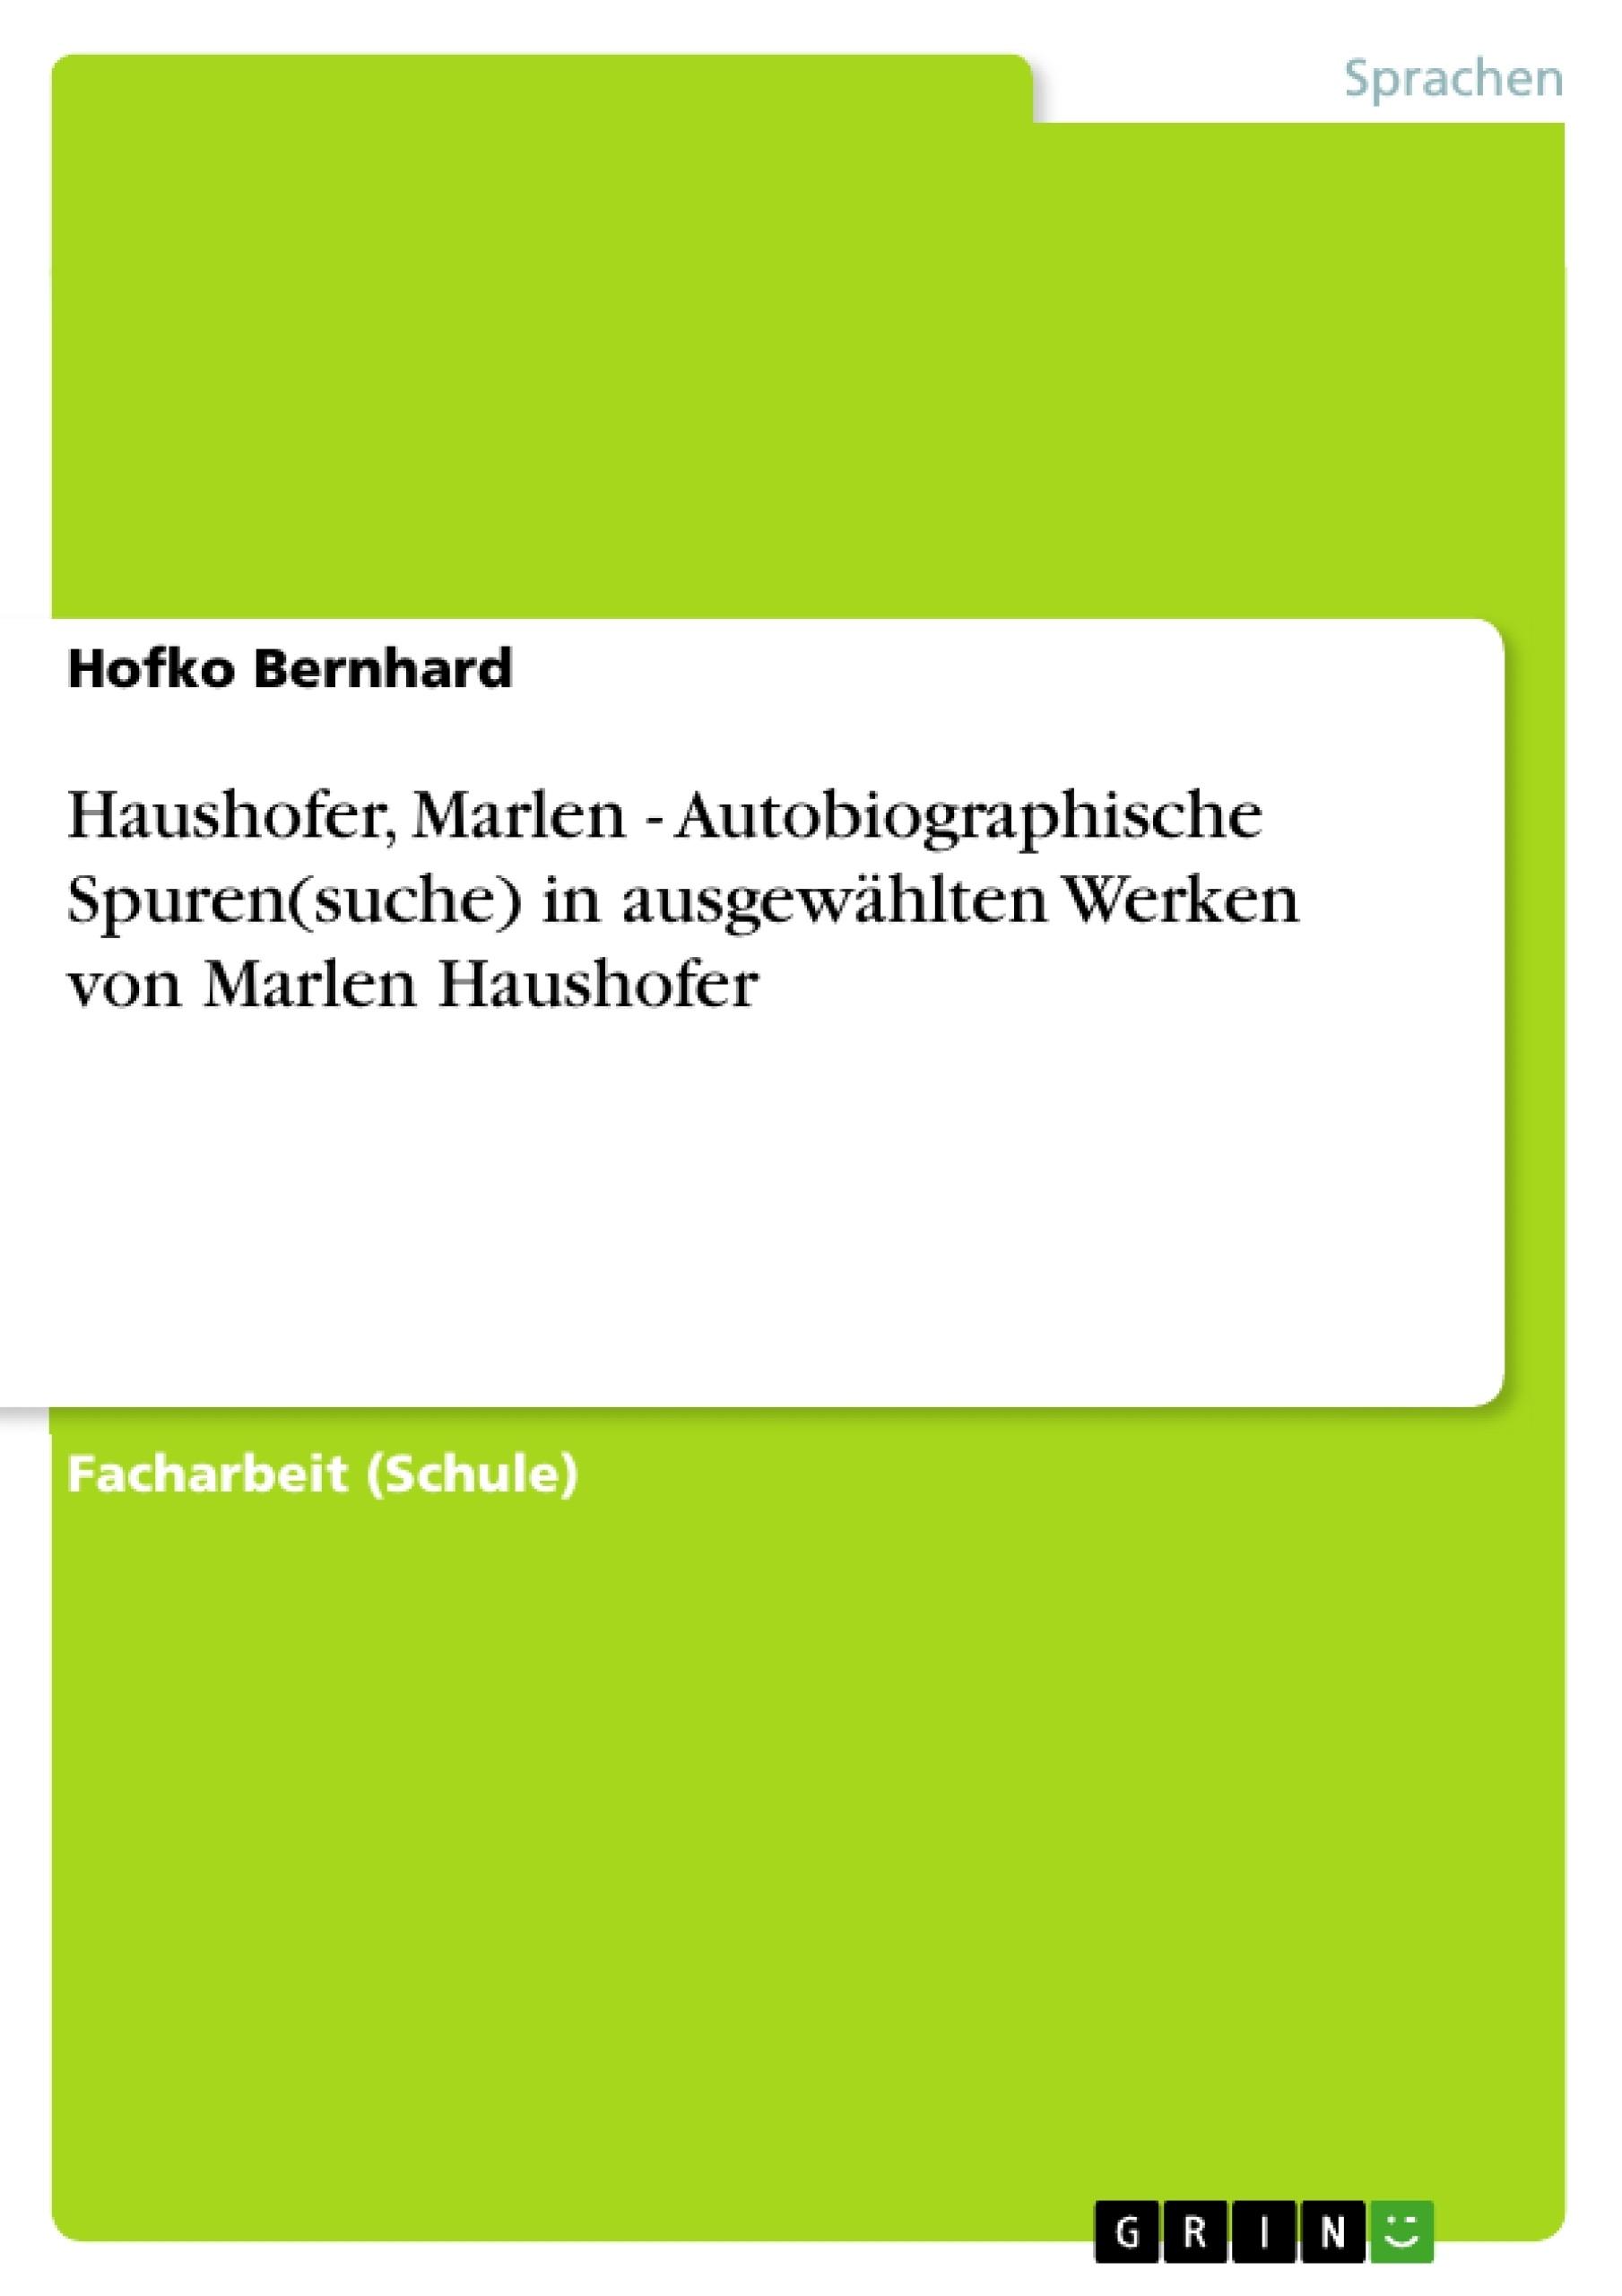 Schön Suche Fortsetzen Ideen - Entry Level Resume Vorlagen Sammlung ...